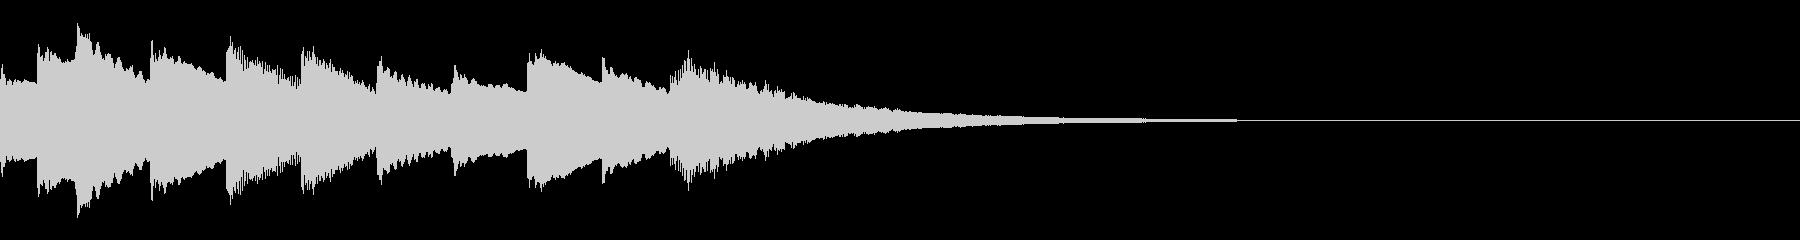 次の展開を感じるキラキラジングルの未再生の波形